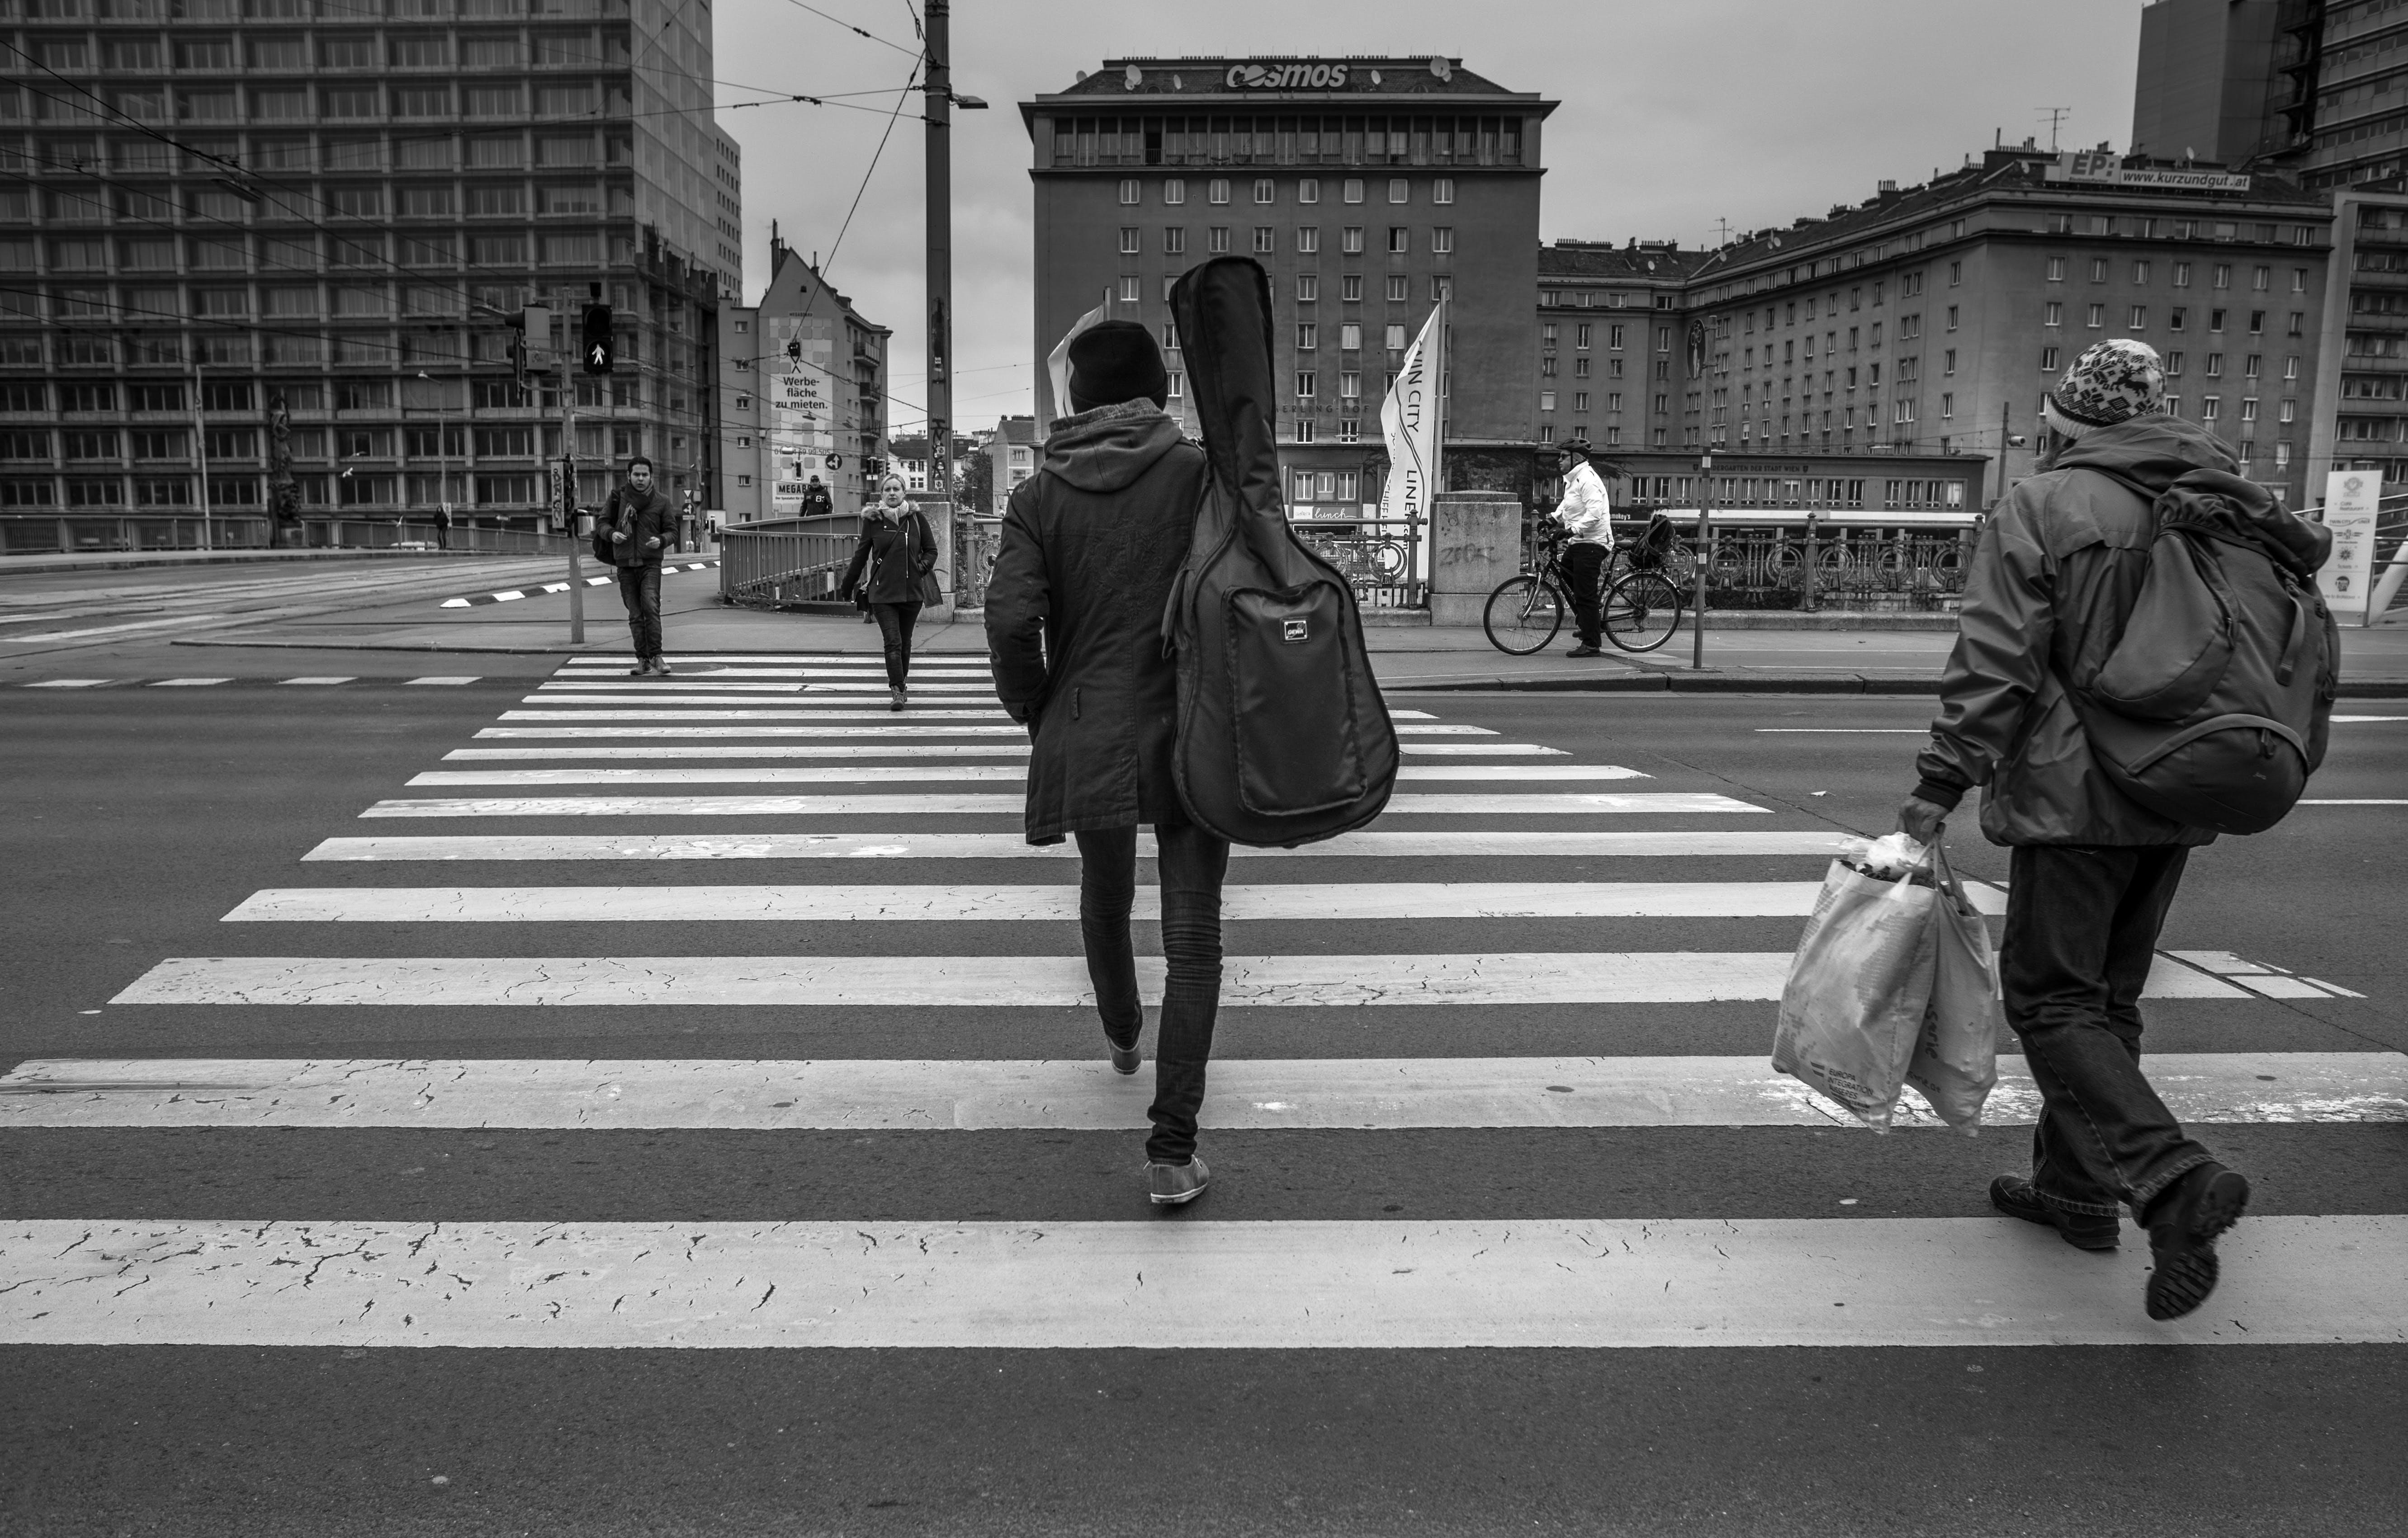 Kostnadsfri bild av byggnader, gående, gata, gitarrväska